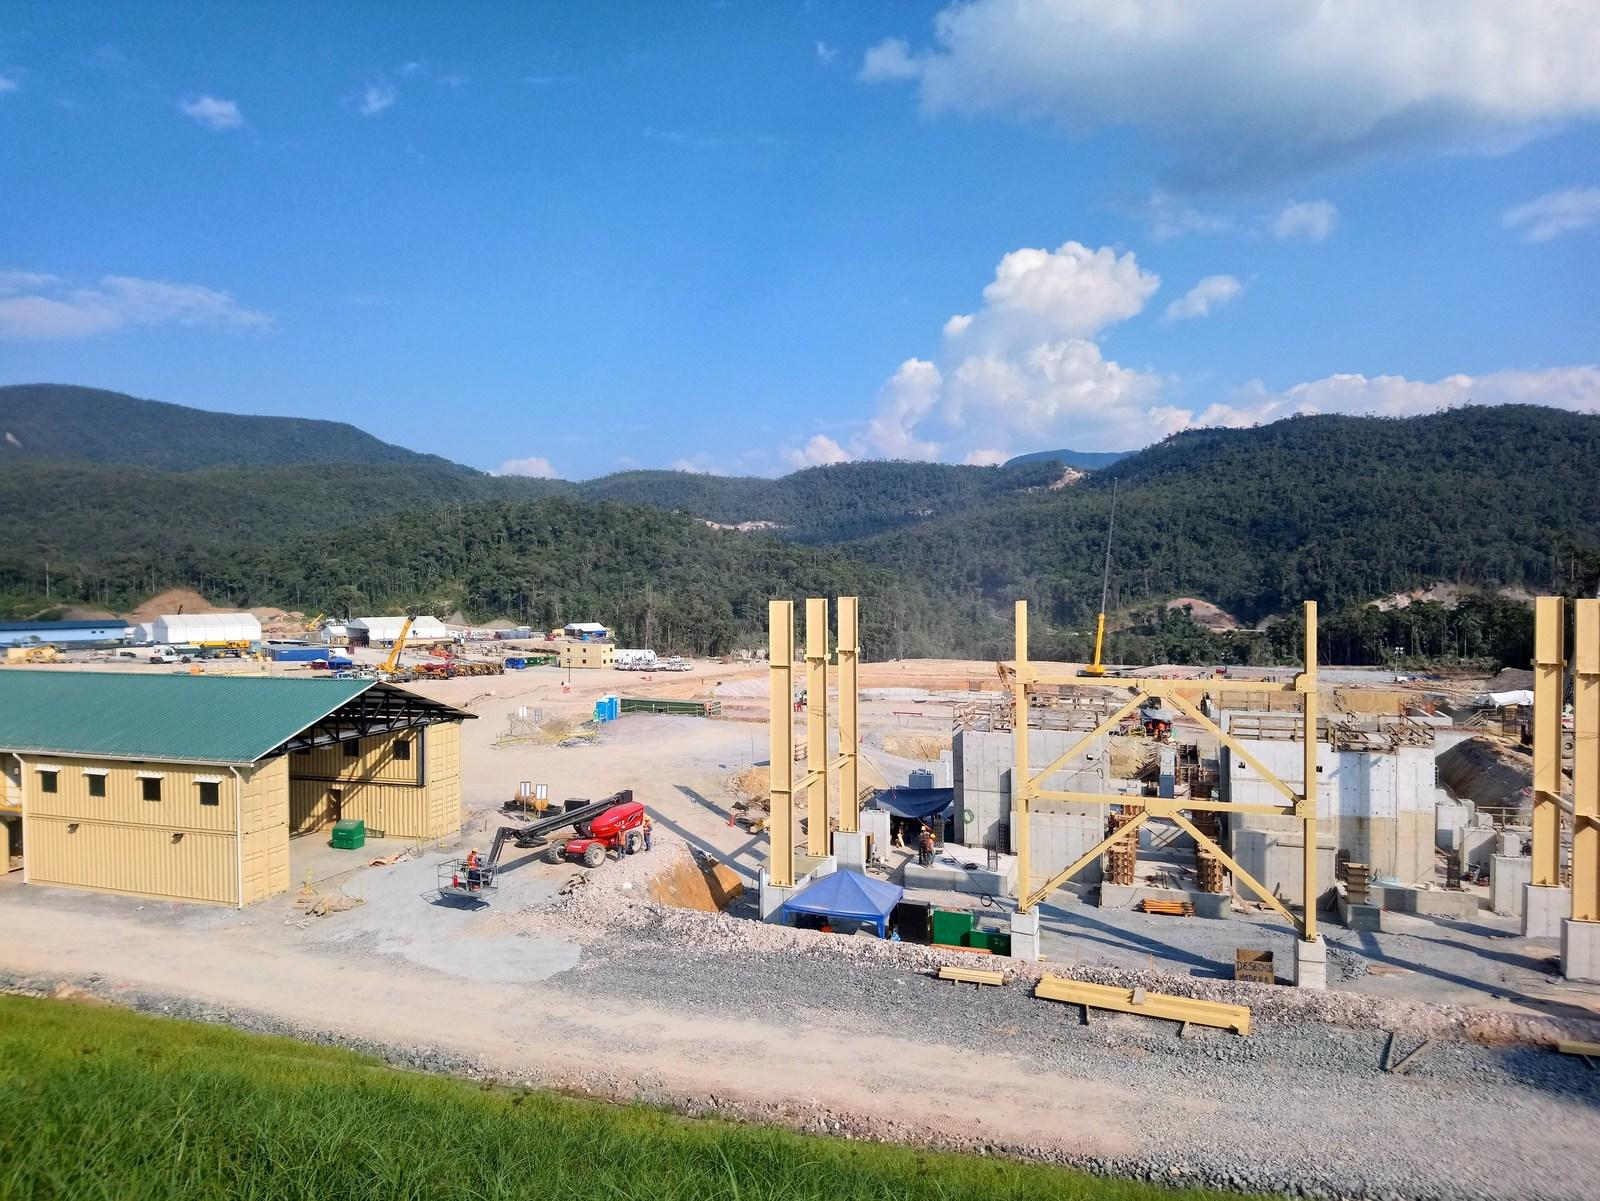 Figure 3. Grinding building steel erection is underway